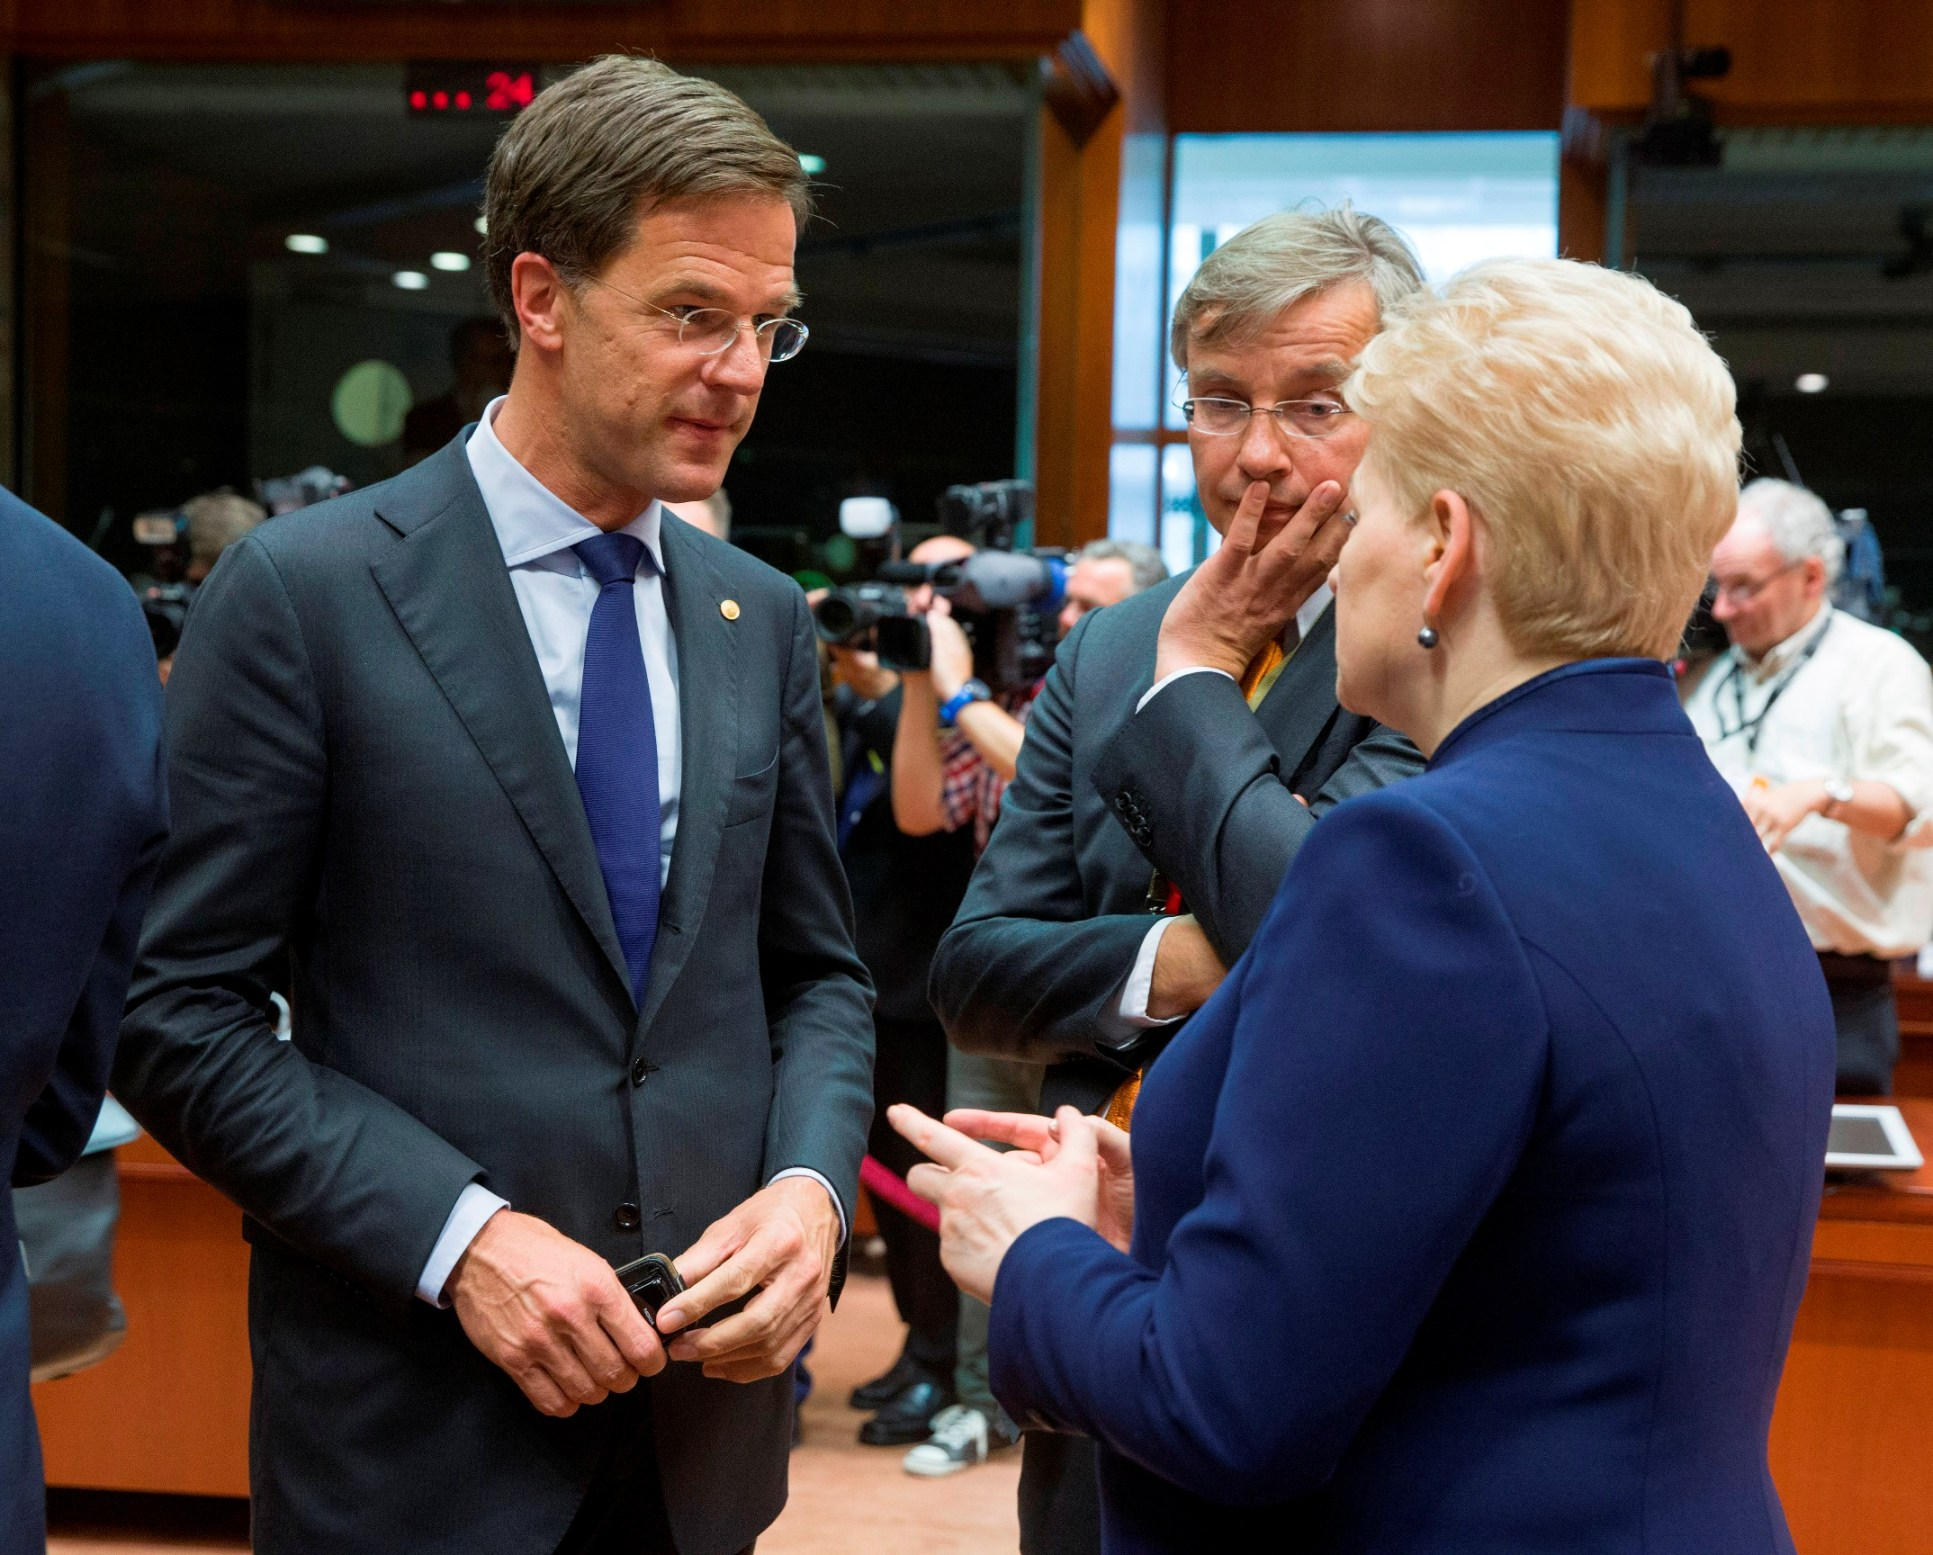 Dutch might not ratify Ukraine treaty, PM says